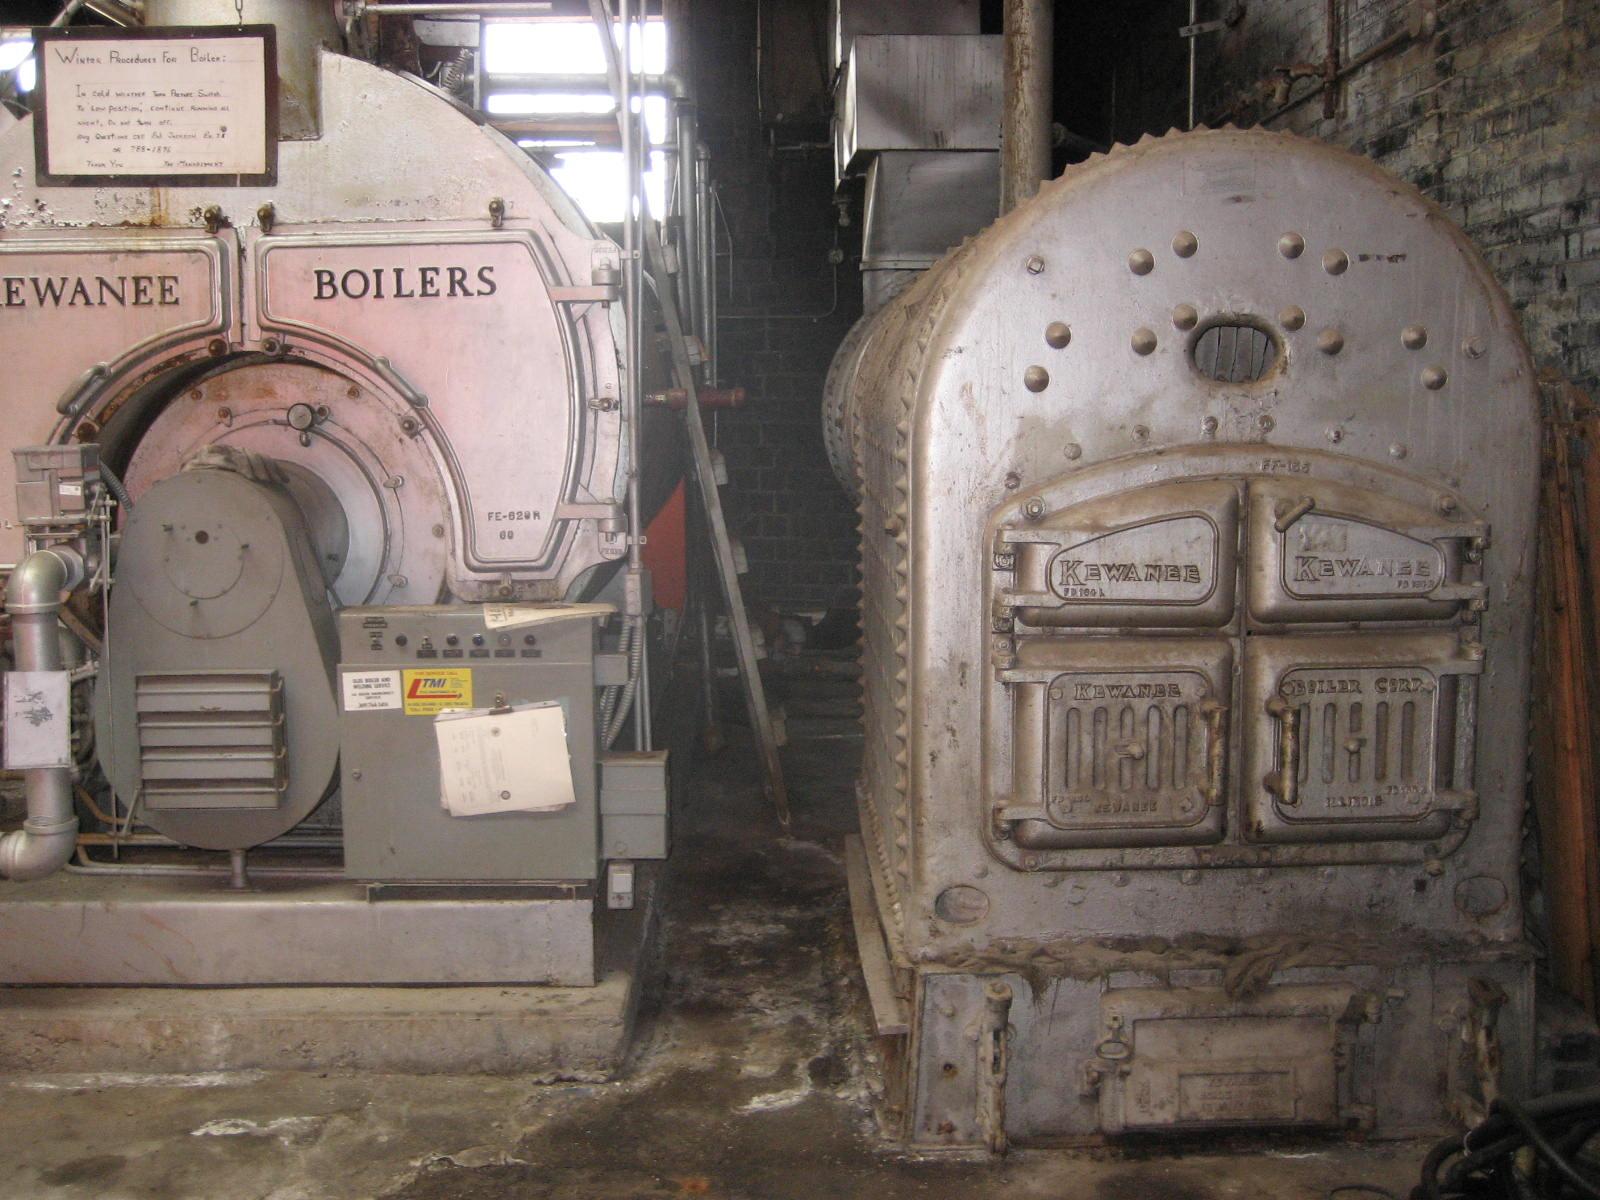 Kewanee Boilers